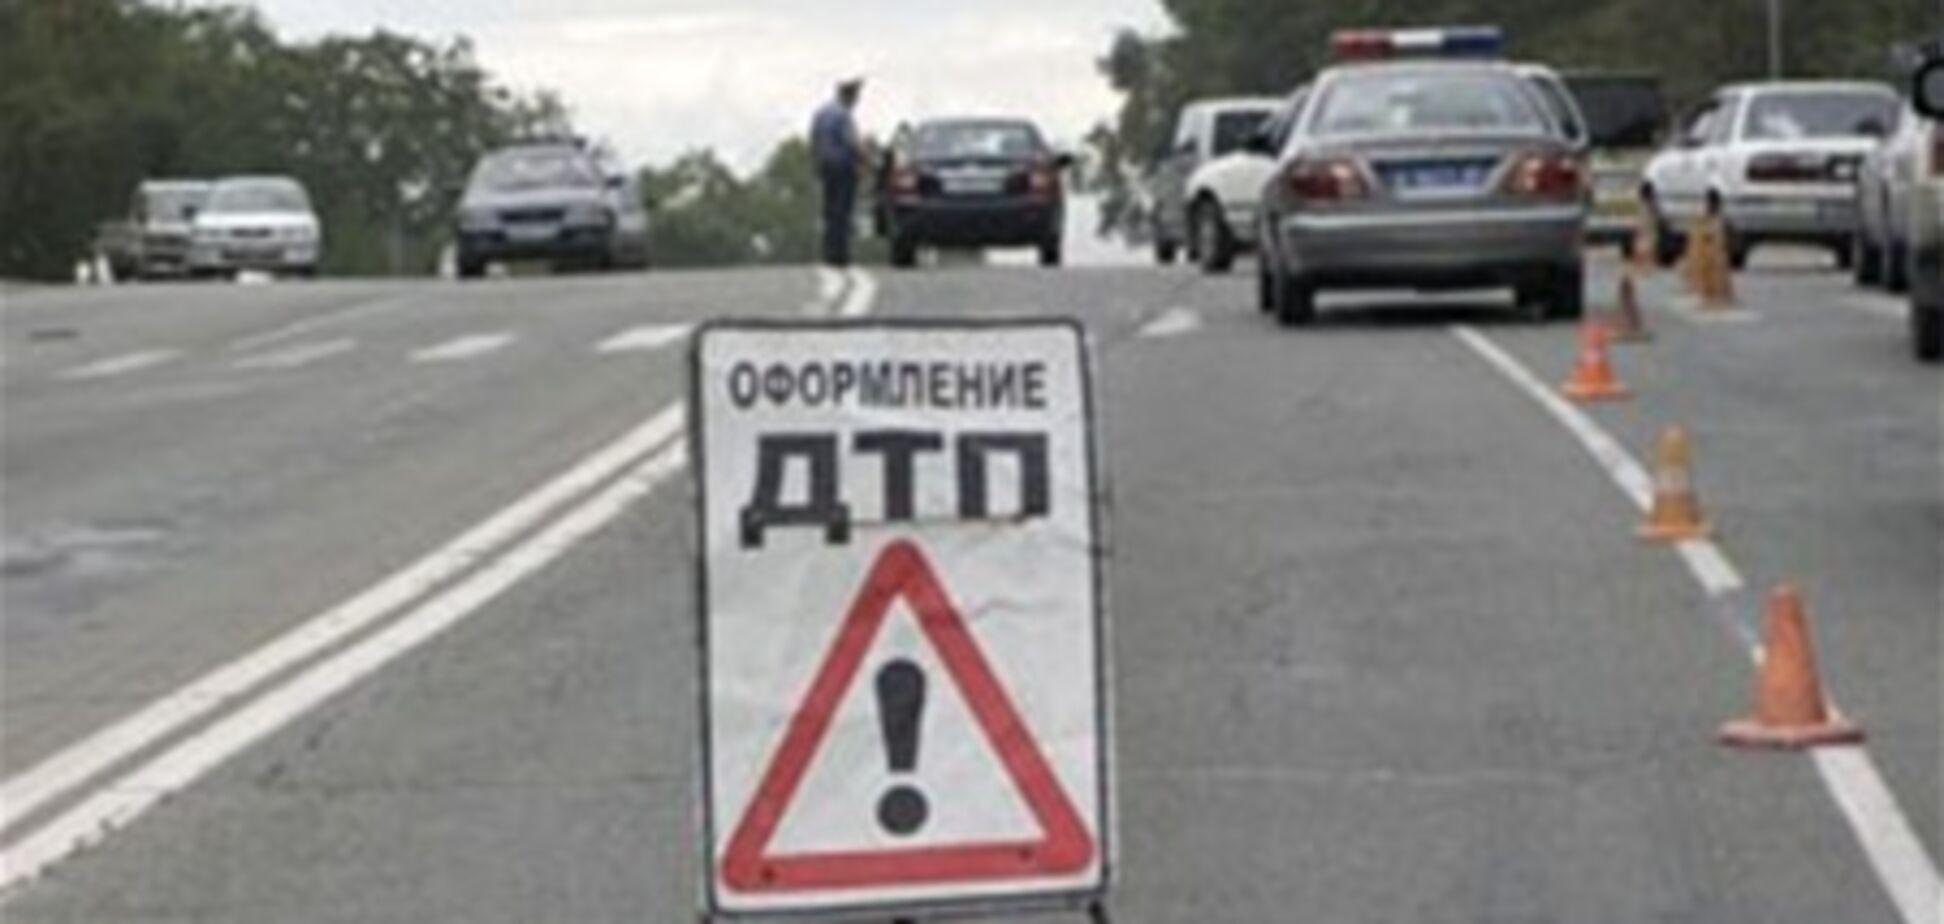 В России перевернулся автобус с украинцами: 8 пострадавших